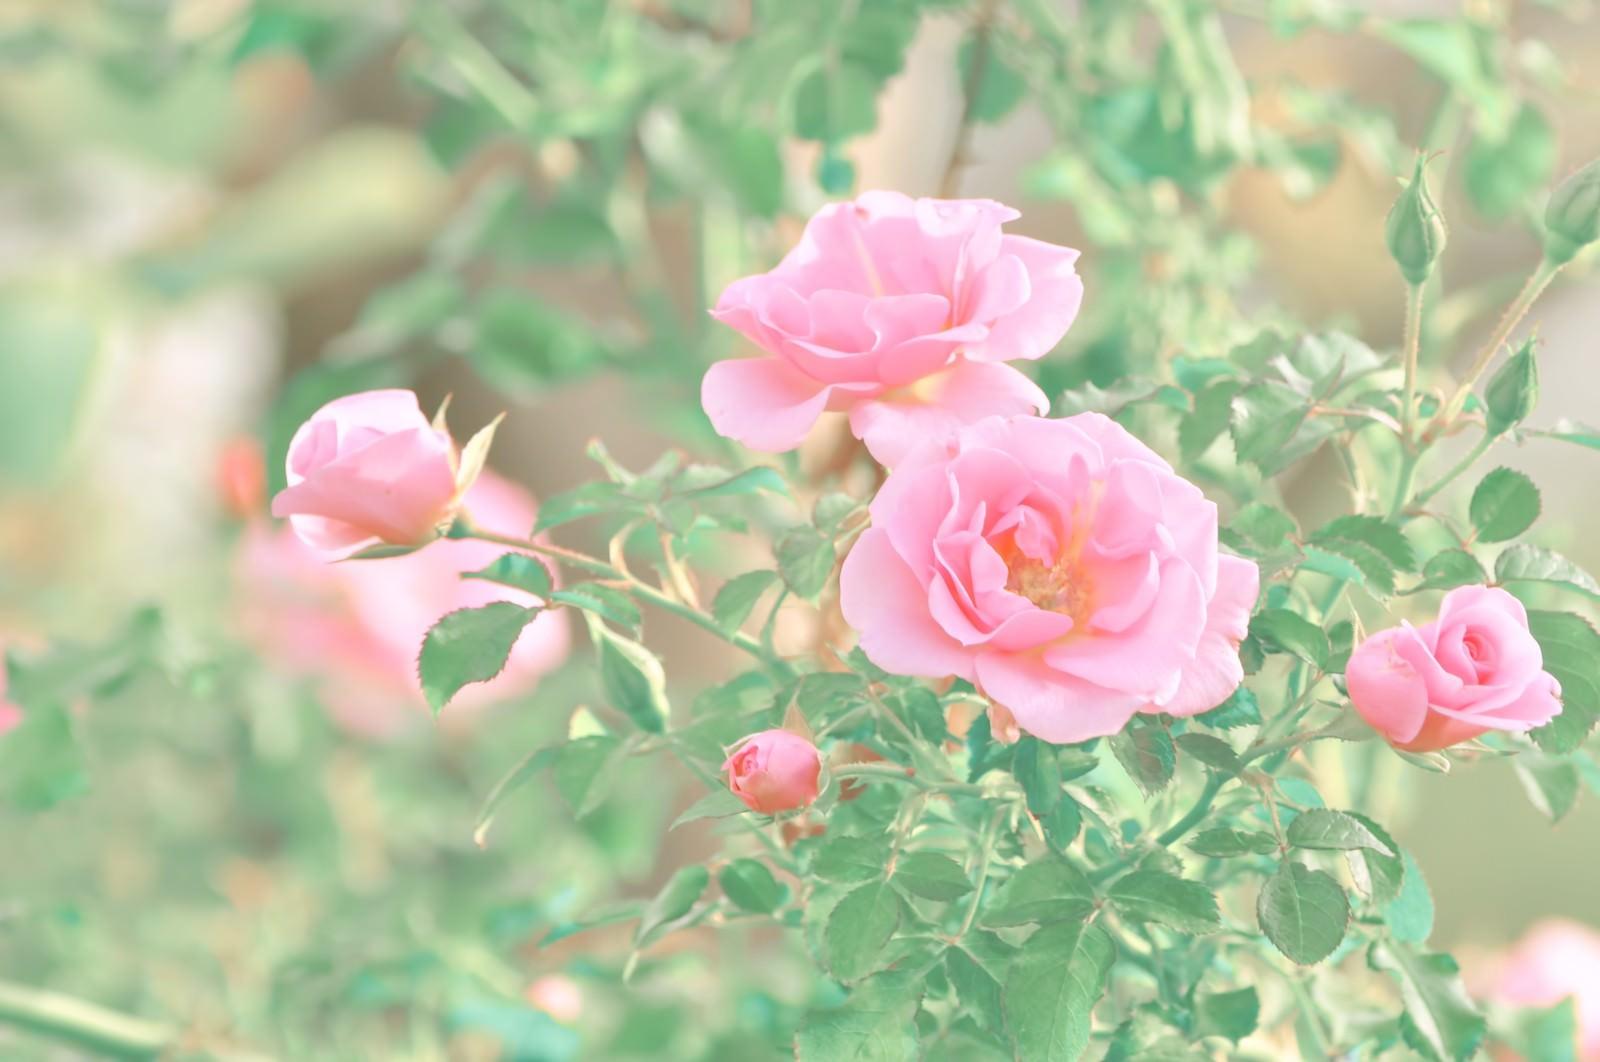 「ピンク色の薔薇」